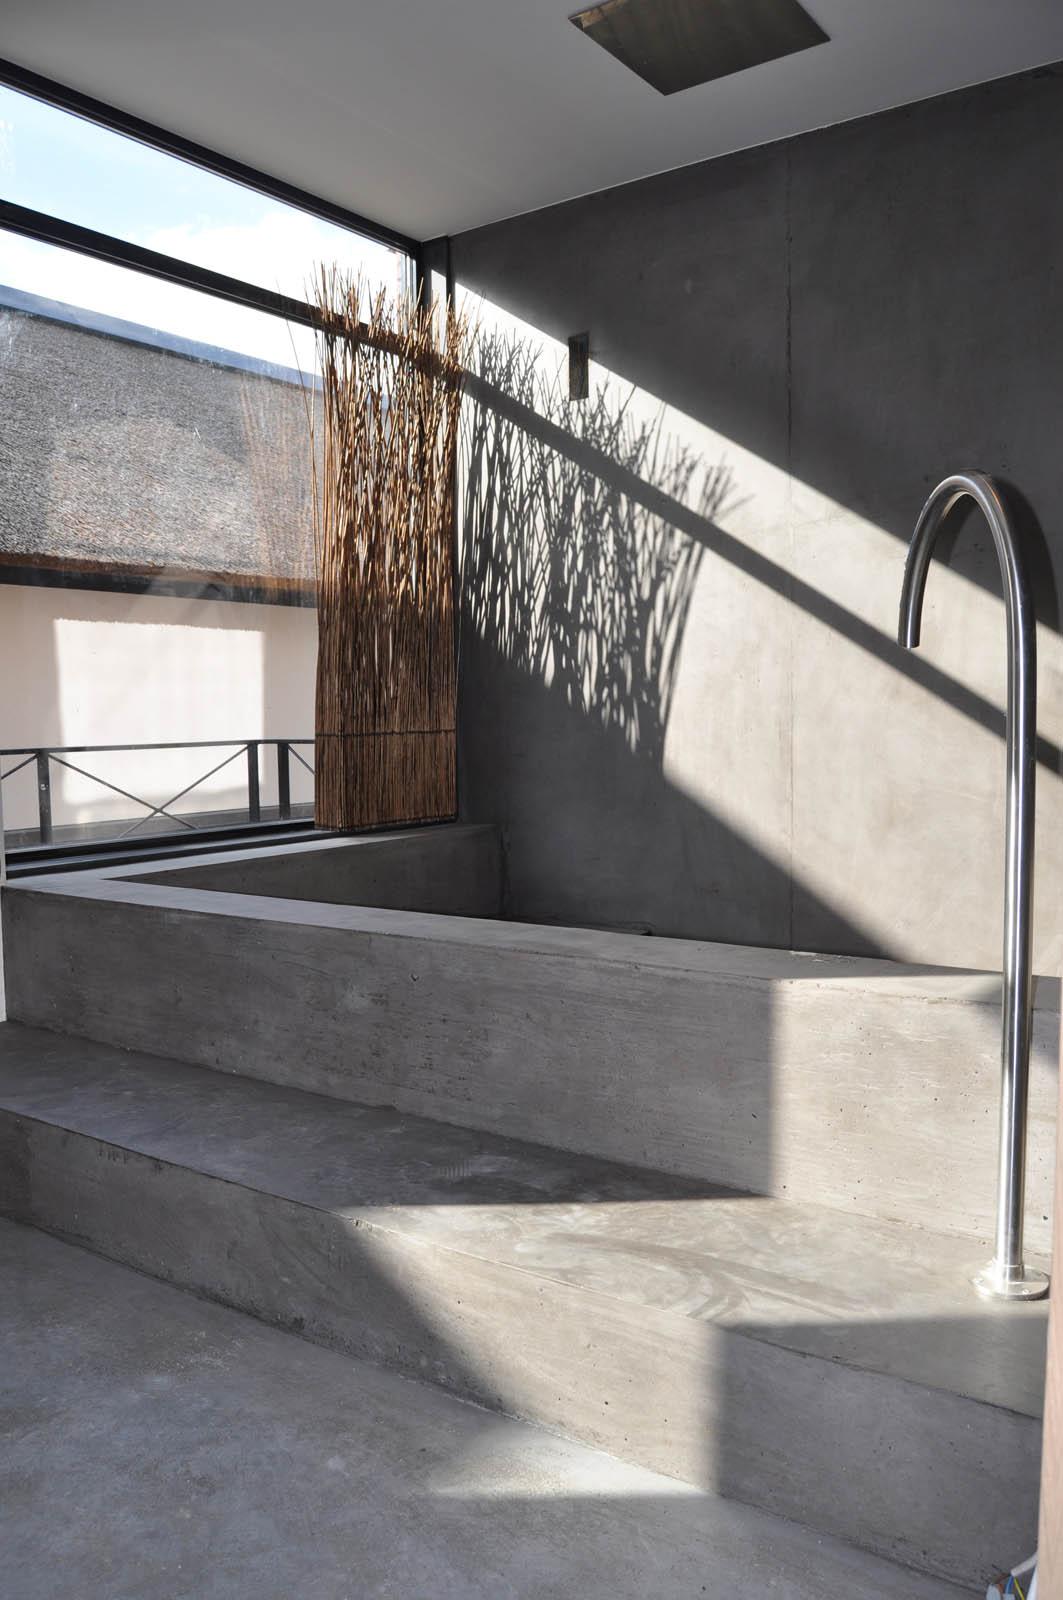 Concrete bath, Villa Heiloo, by Jeroen de Nijs